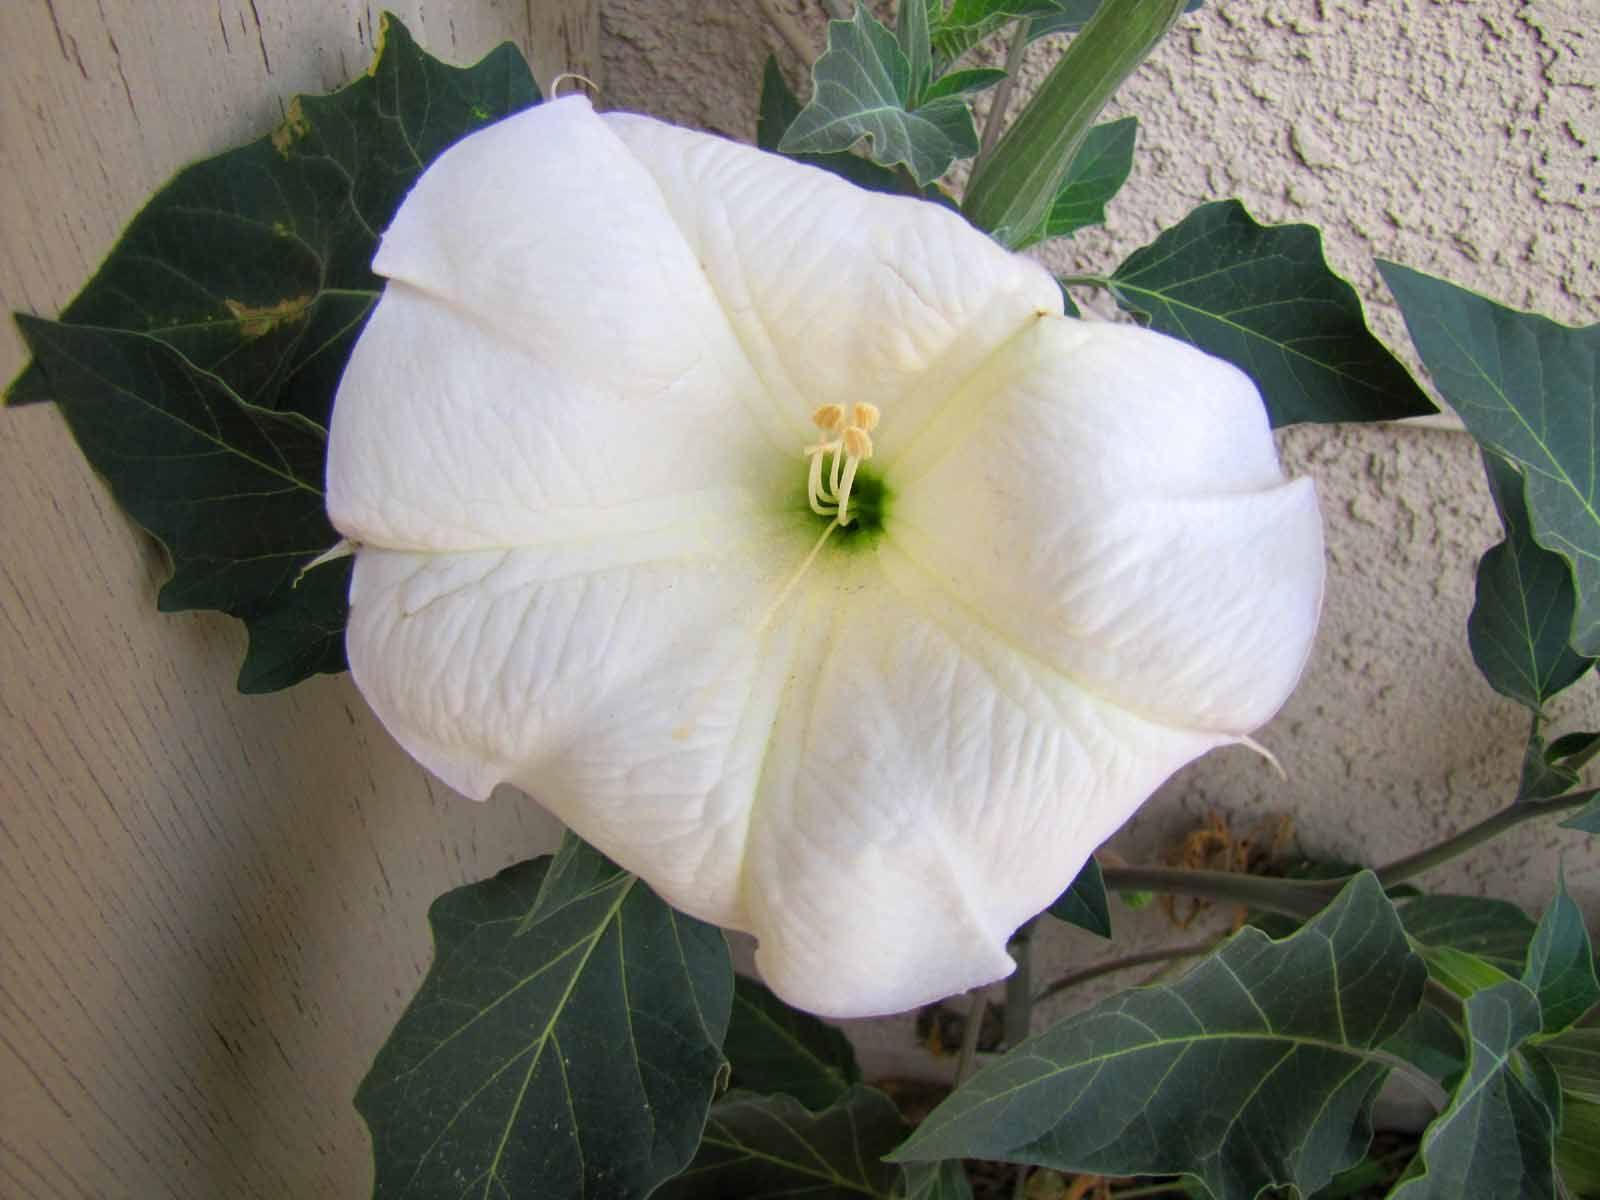 White desert bell flower in jt flowers pinterest deserts and white desert bell flower in jt mightylinksfo